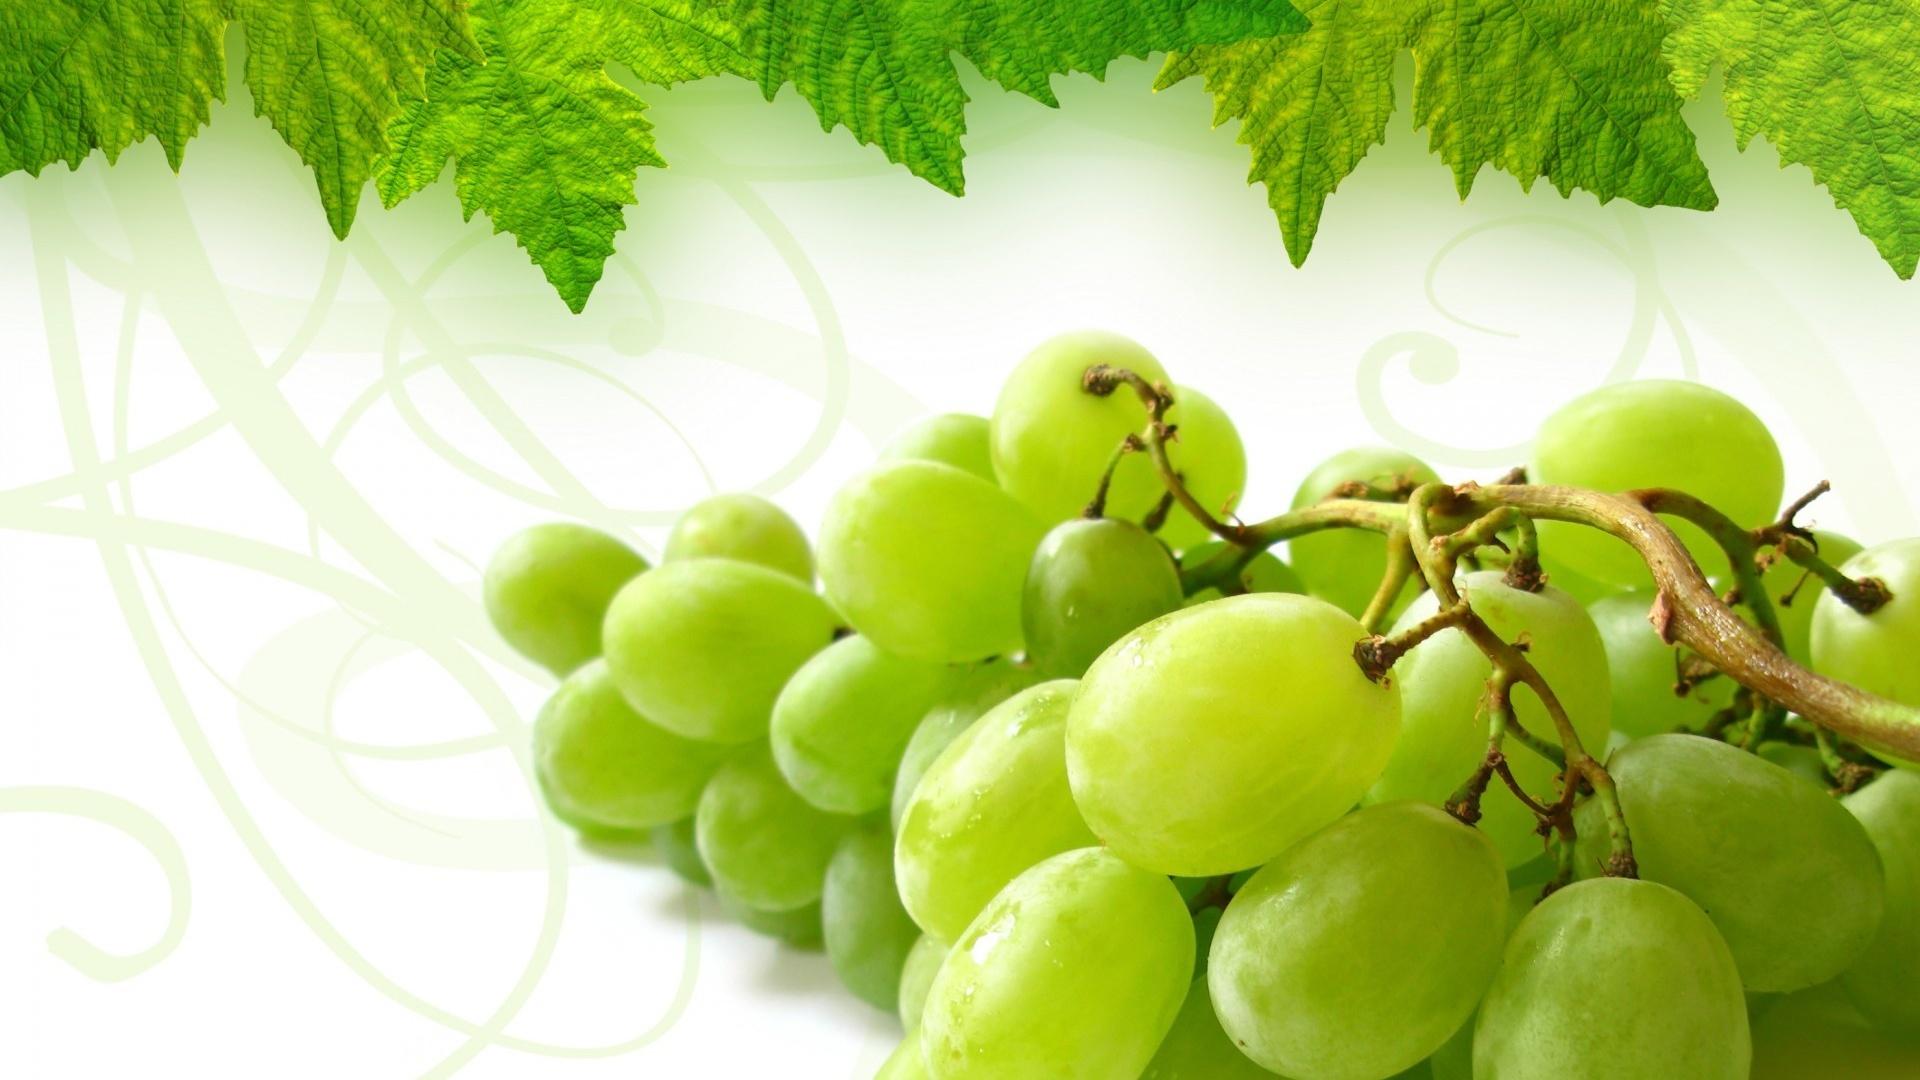 grapes wallpaper 20452